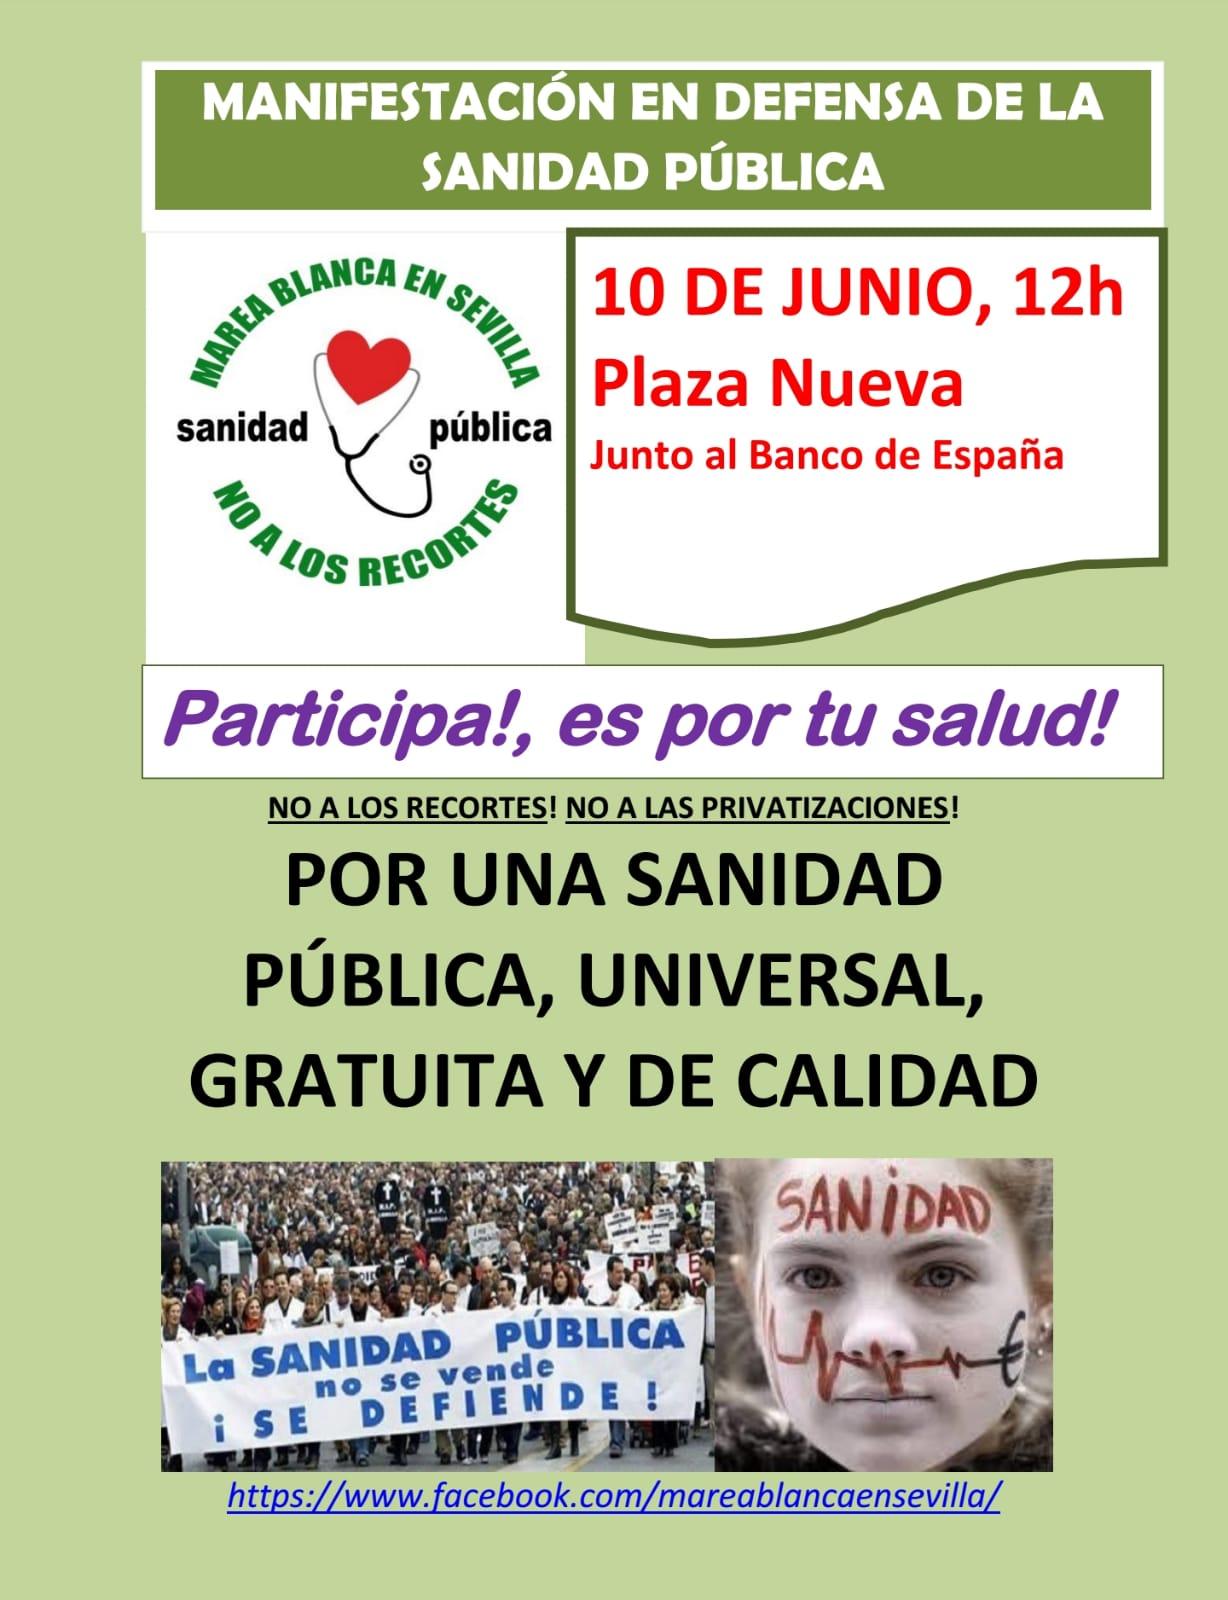 MANIFESTACIÓN EN DEFENSA DE LA SANIDAD PÚBLICA  Sevilla 10 de Junio